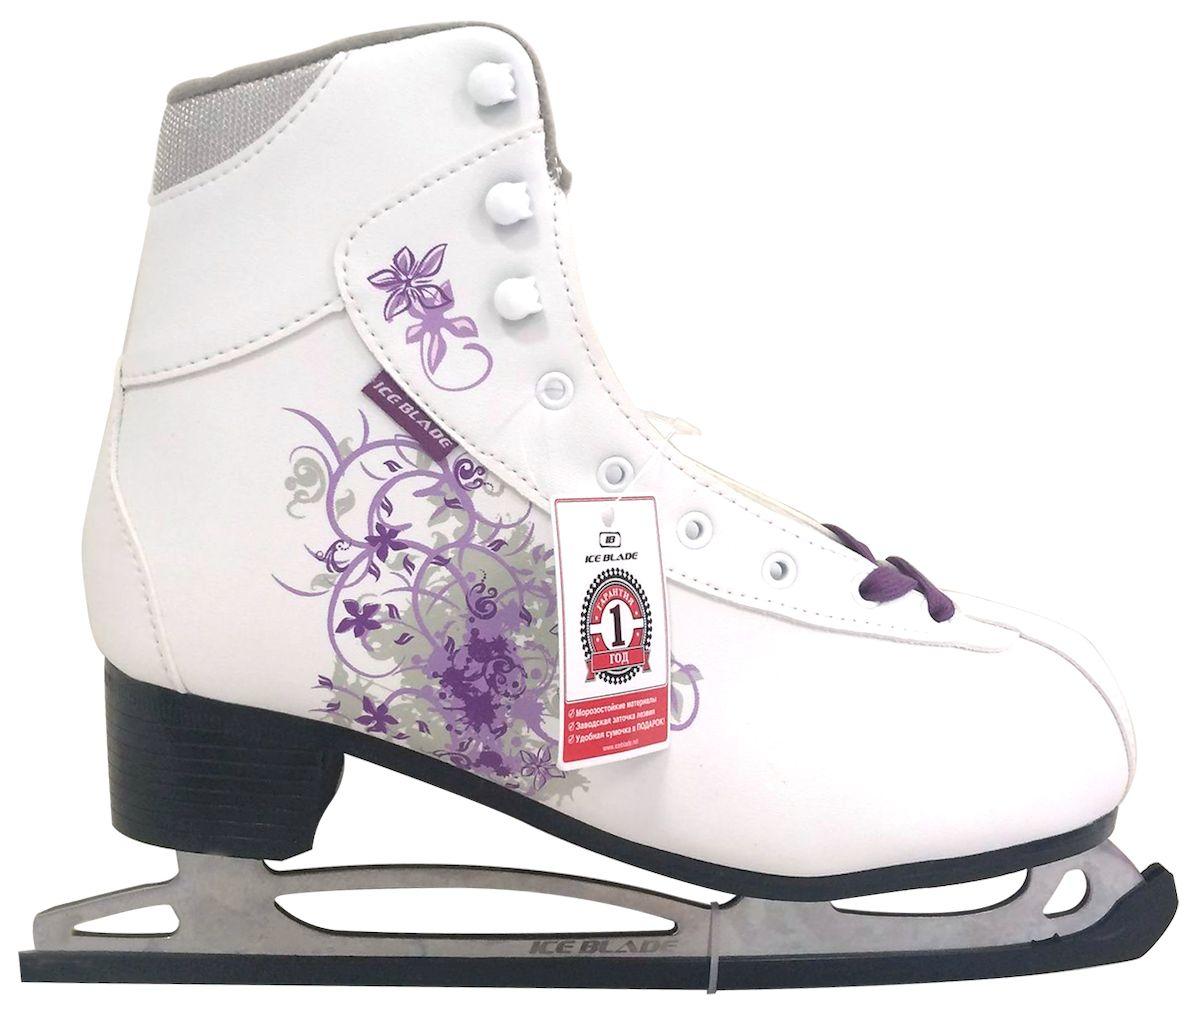 Коньки фигурные Ice Blade Sochi, цвет: белый, фиолетовый. УТ-00004988. Размер 34